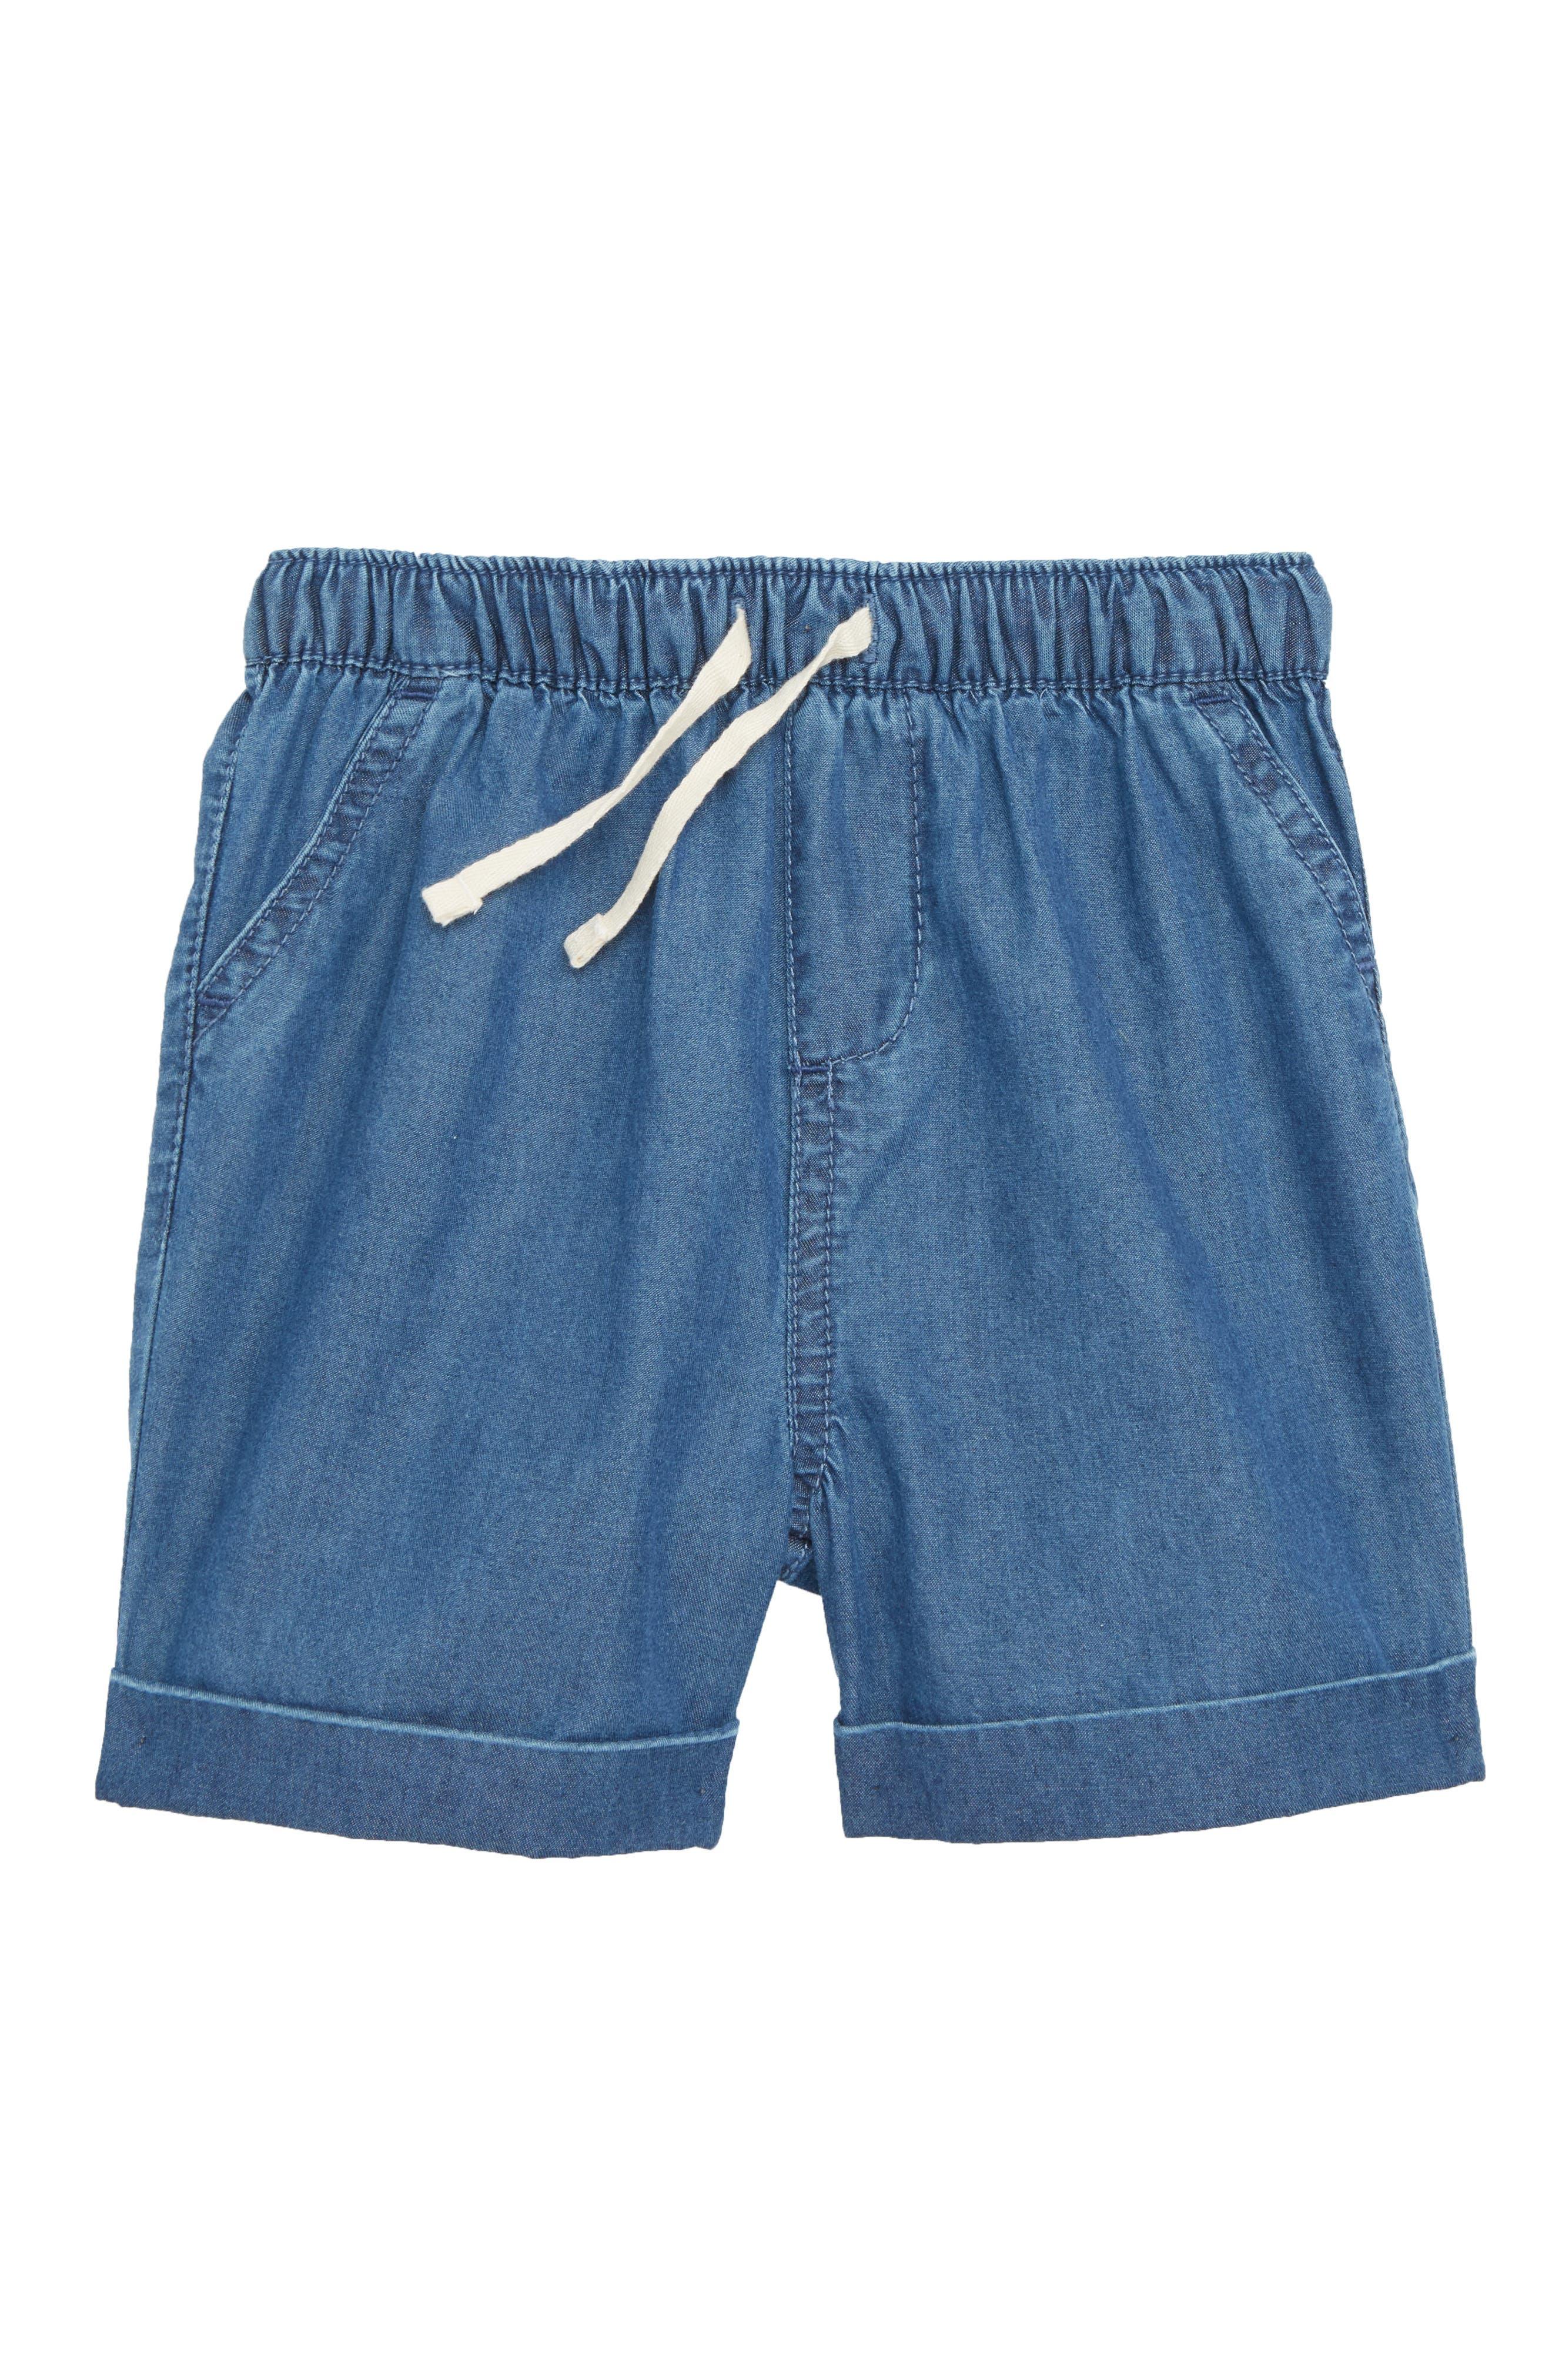 Explorer Shorts,                             Main thumbnail 1, color,                             469